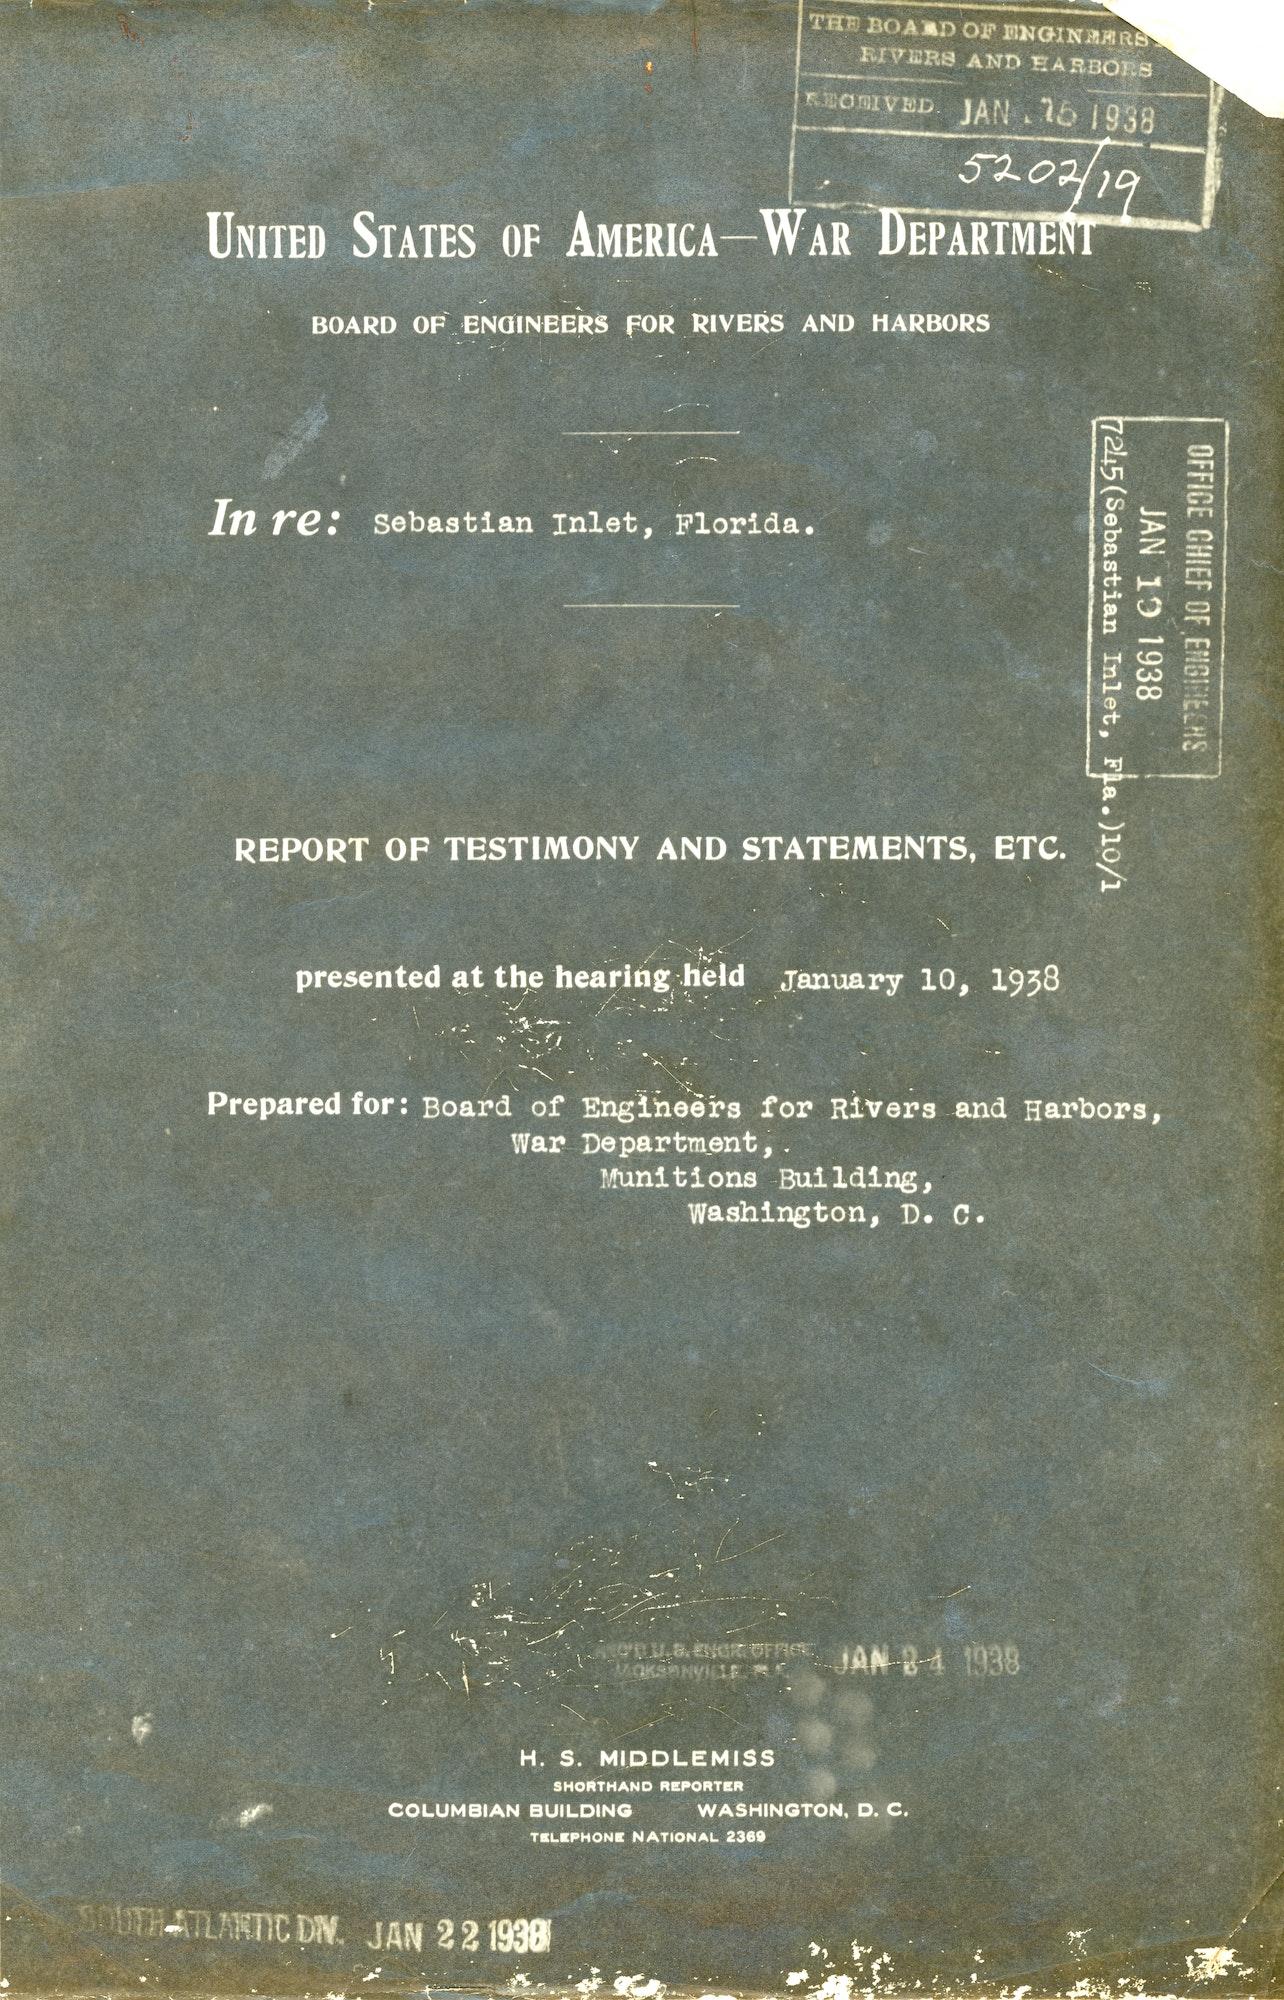 Cover of a 1938 War Department transcript